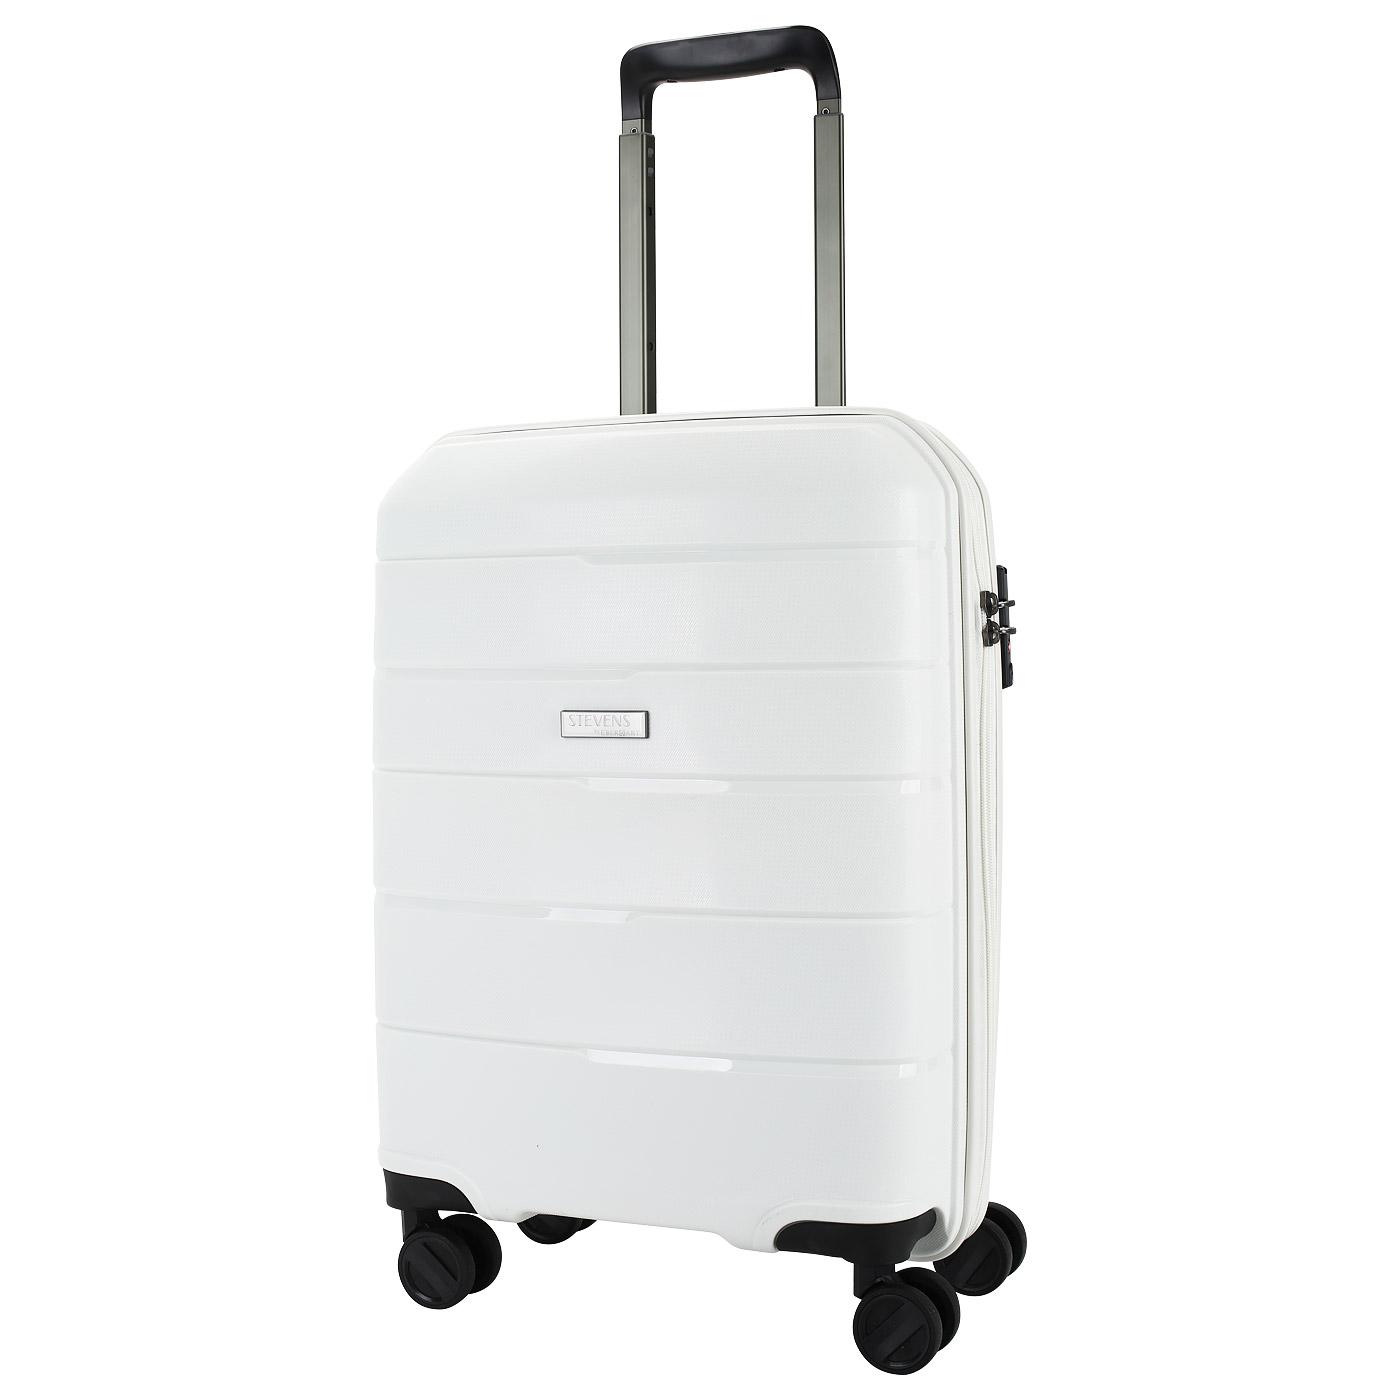 Чемодан Mi Trolley 90 Points Suitcase (Danube luggage) 28